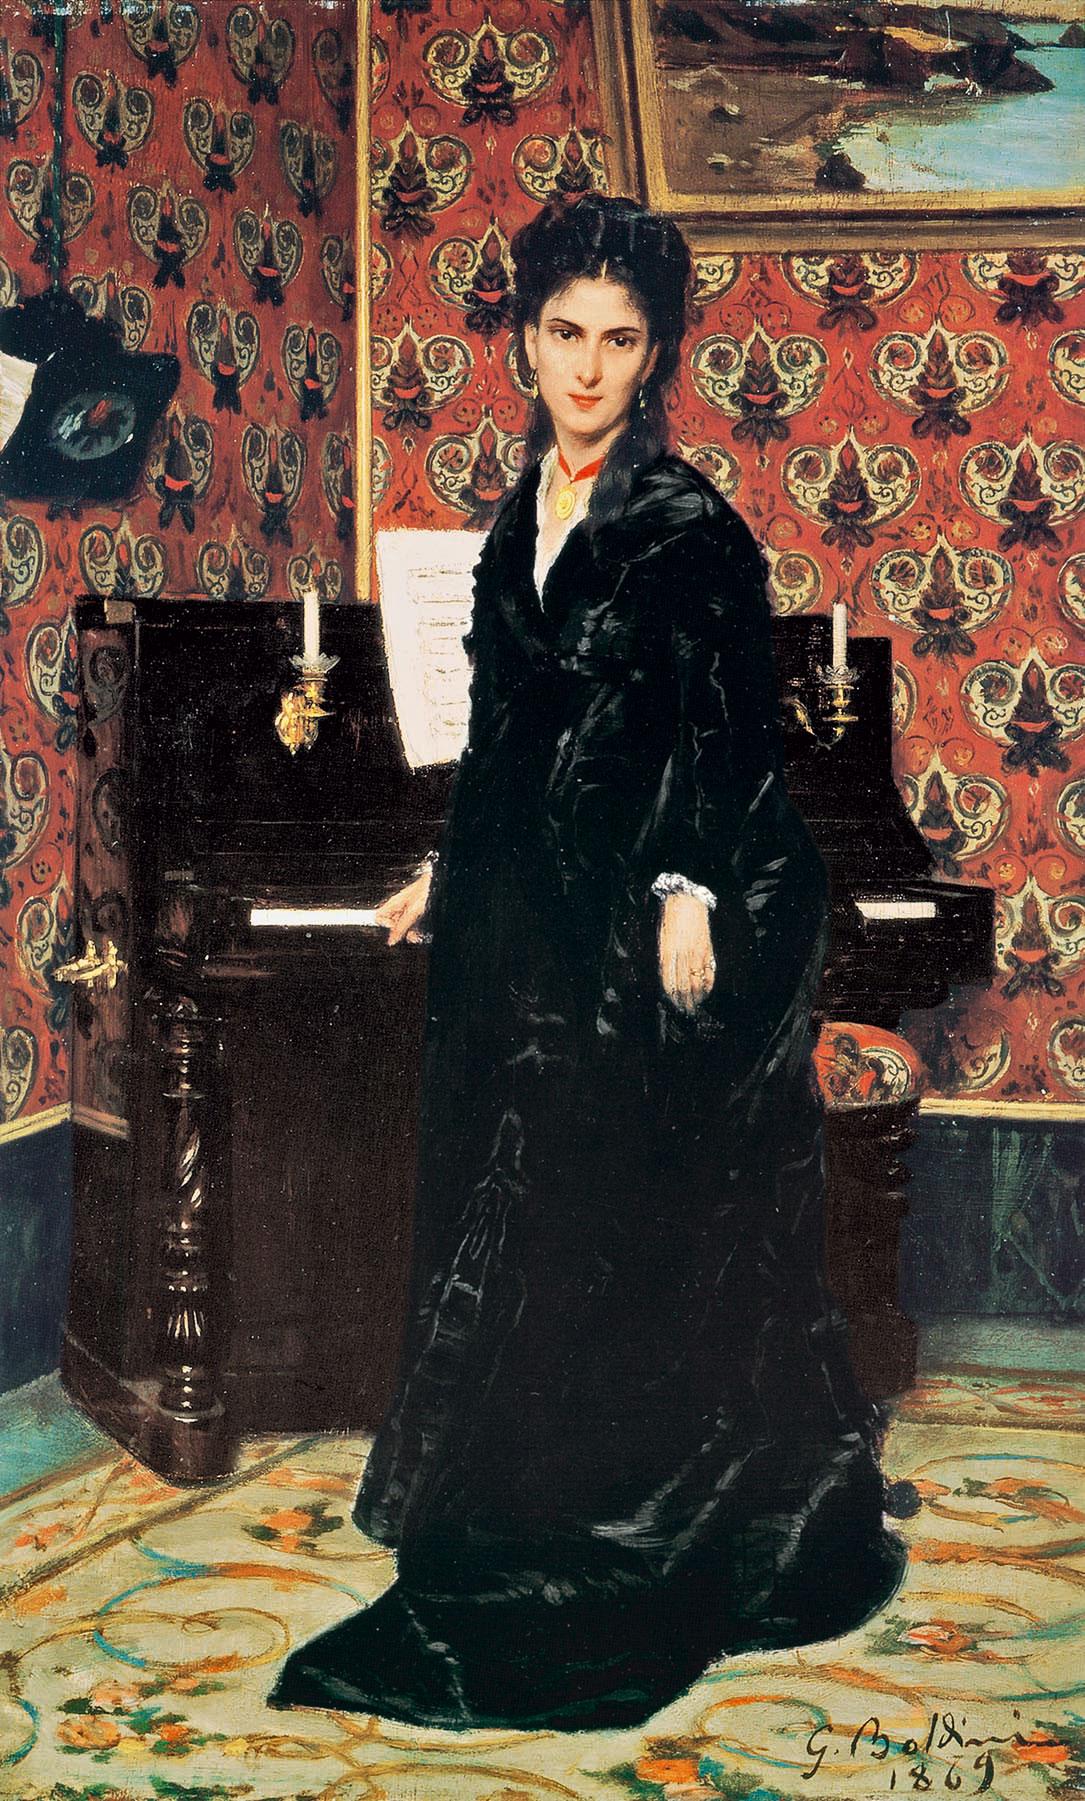 Giovanni Boldini. Mary Donegani, 1869. Istituto Matteucci, Viareggio